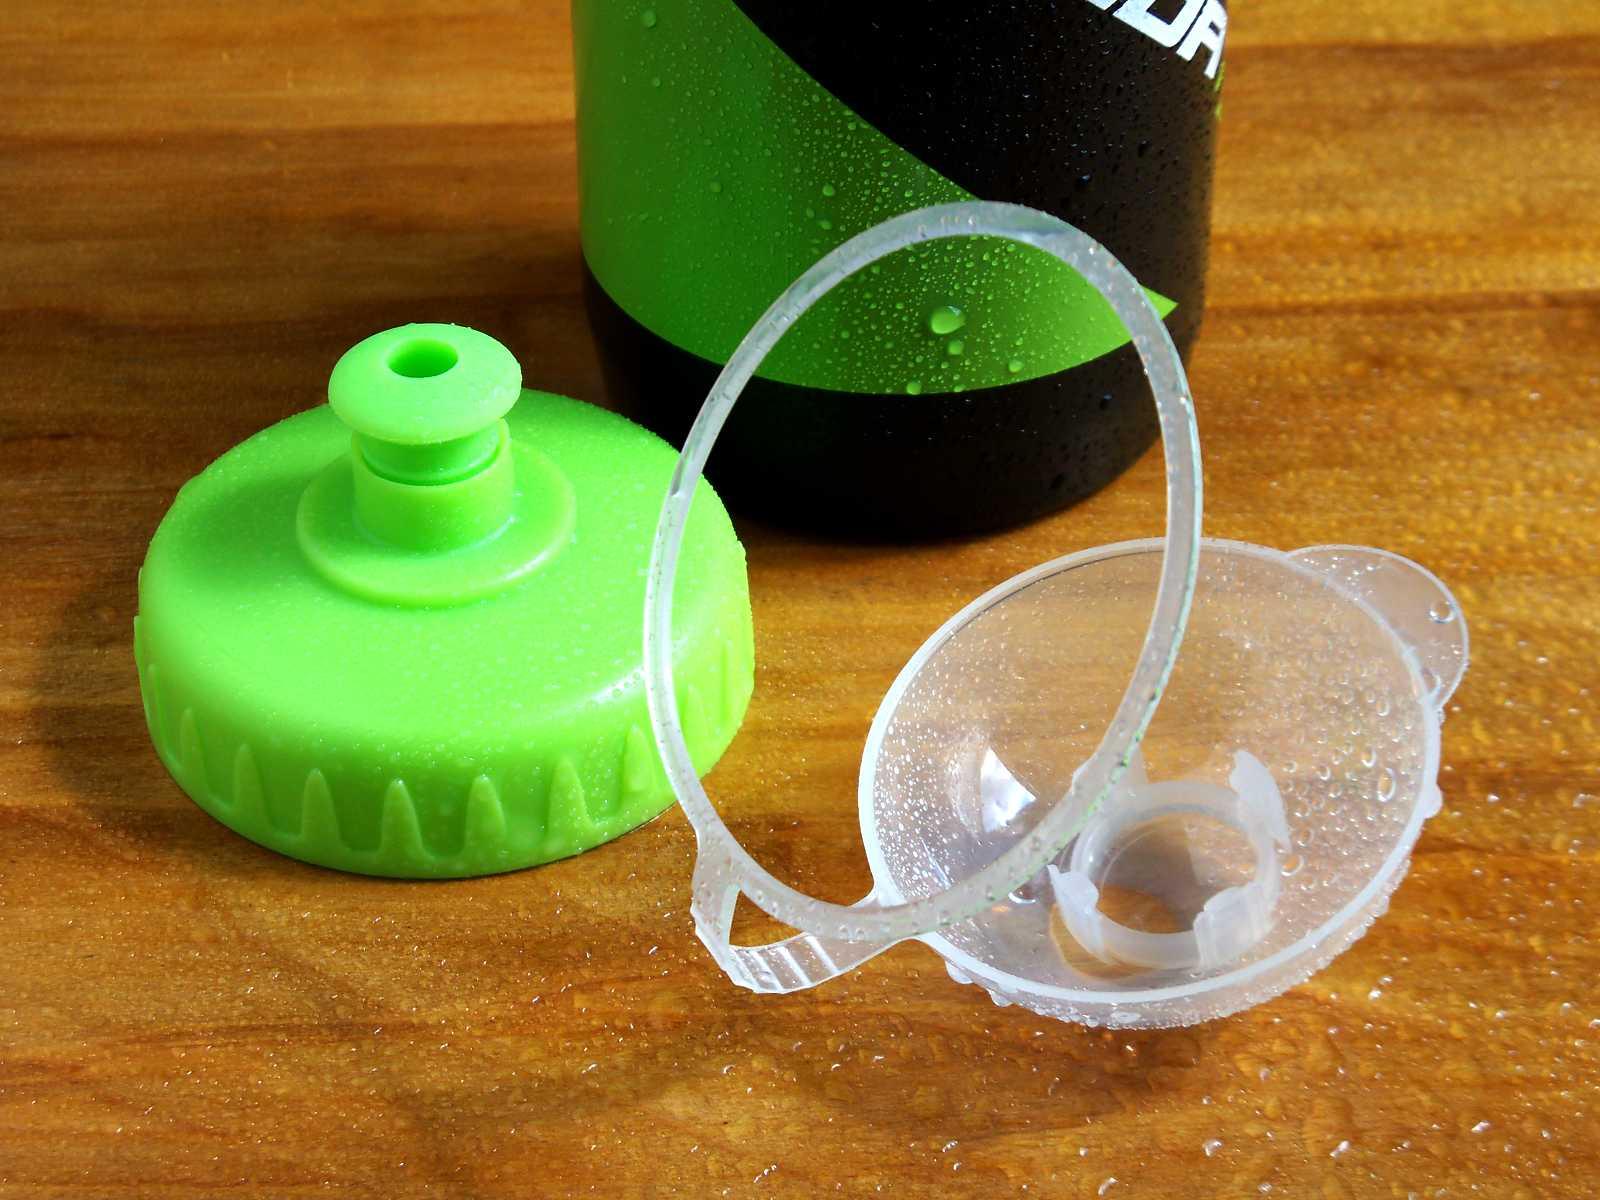 Klapka bidonu zaopatrzona w 4 ząbki oraz elastyczny korek bidonu